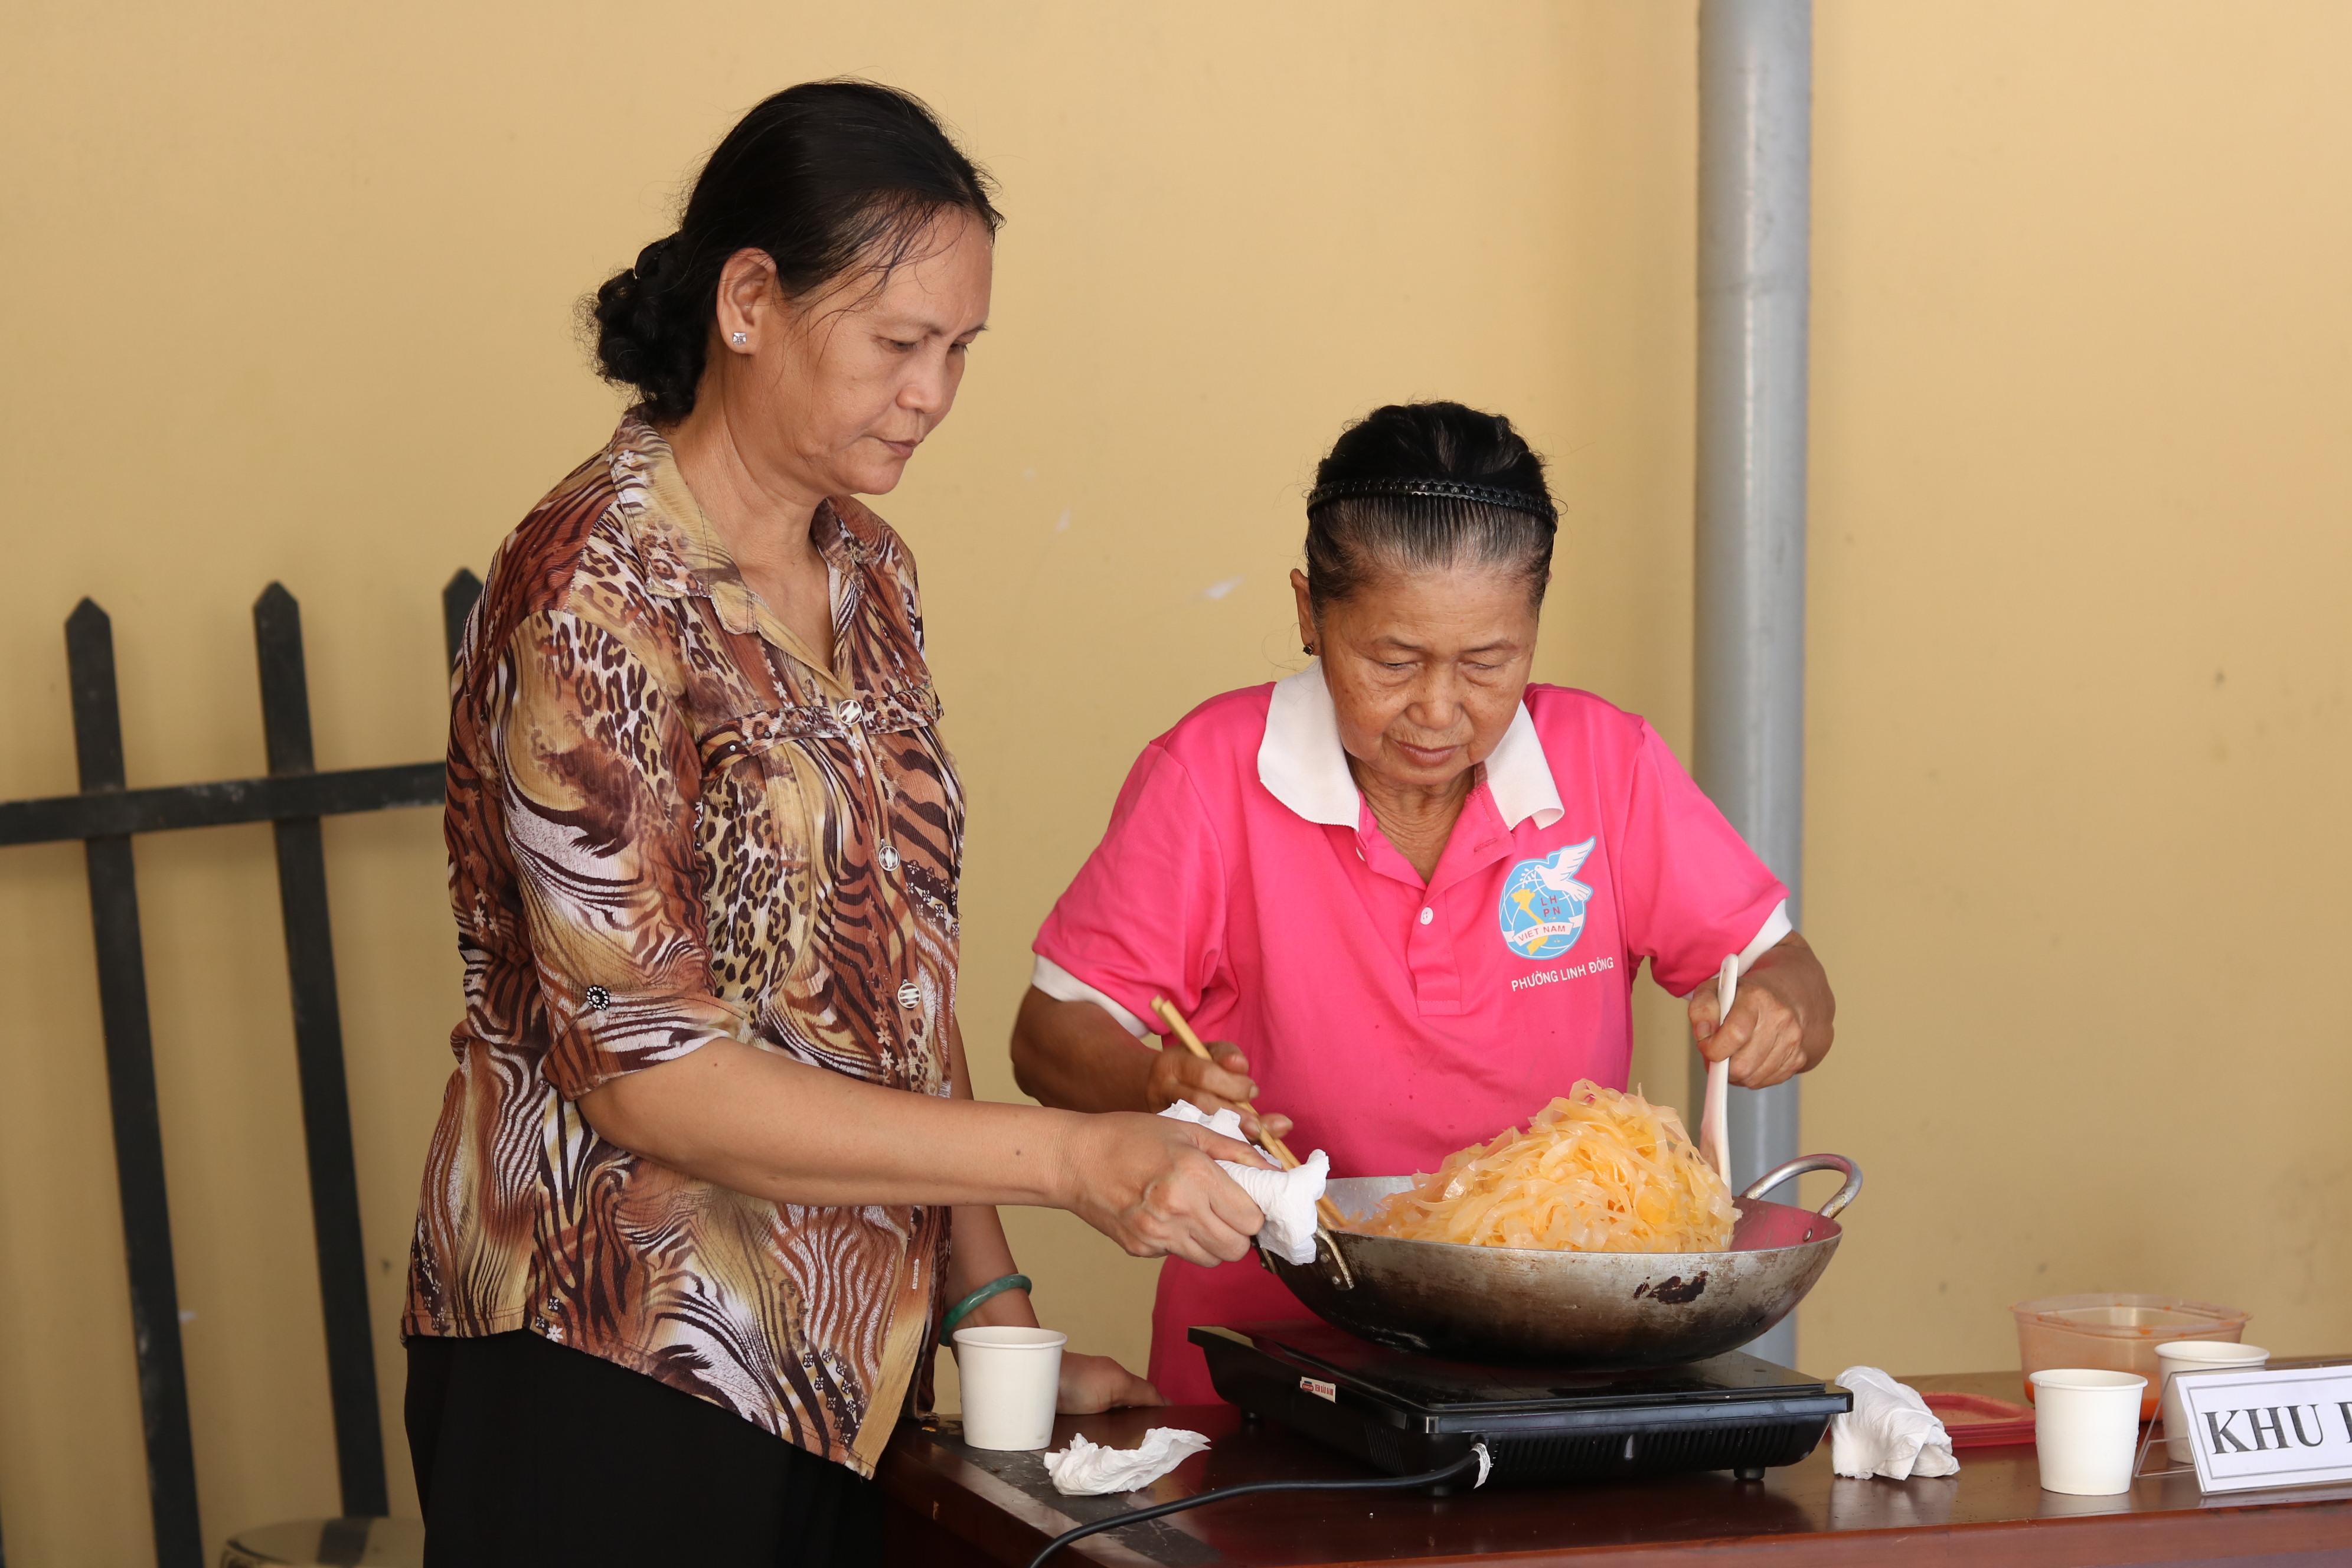 Với dì Mỹ Hầu (bìa phải) sên mứt dừa là nếp quen ngày Tết.